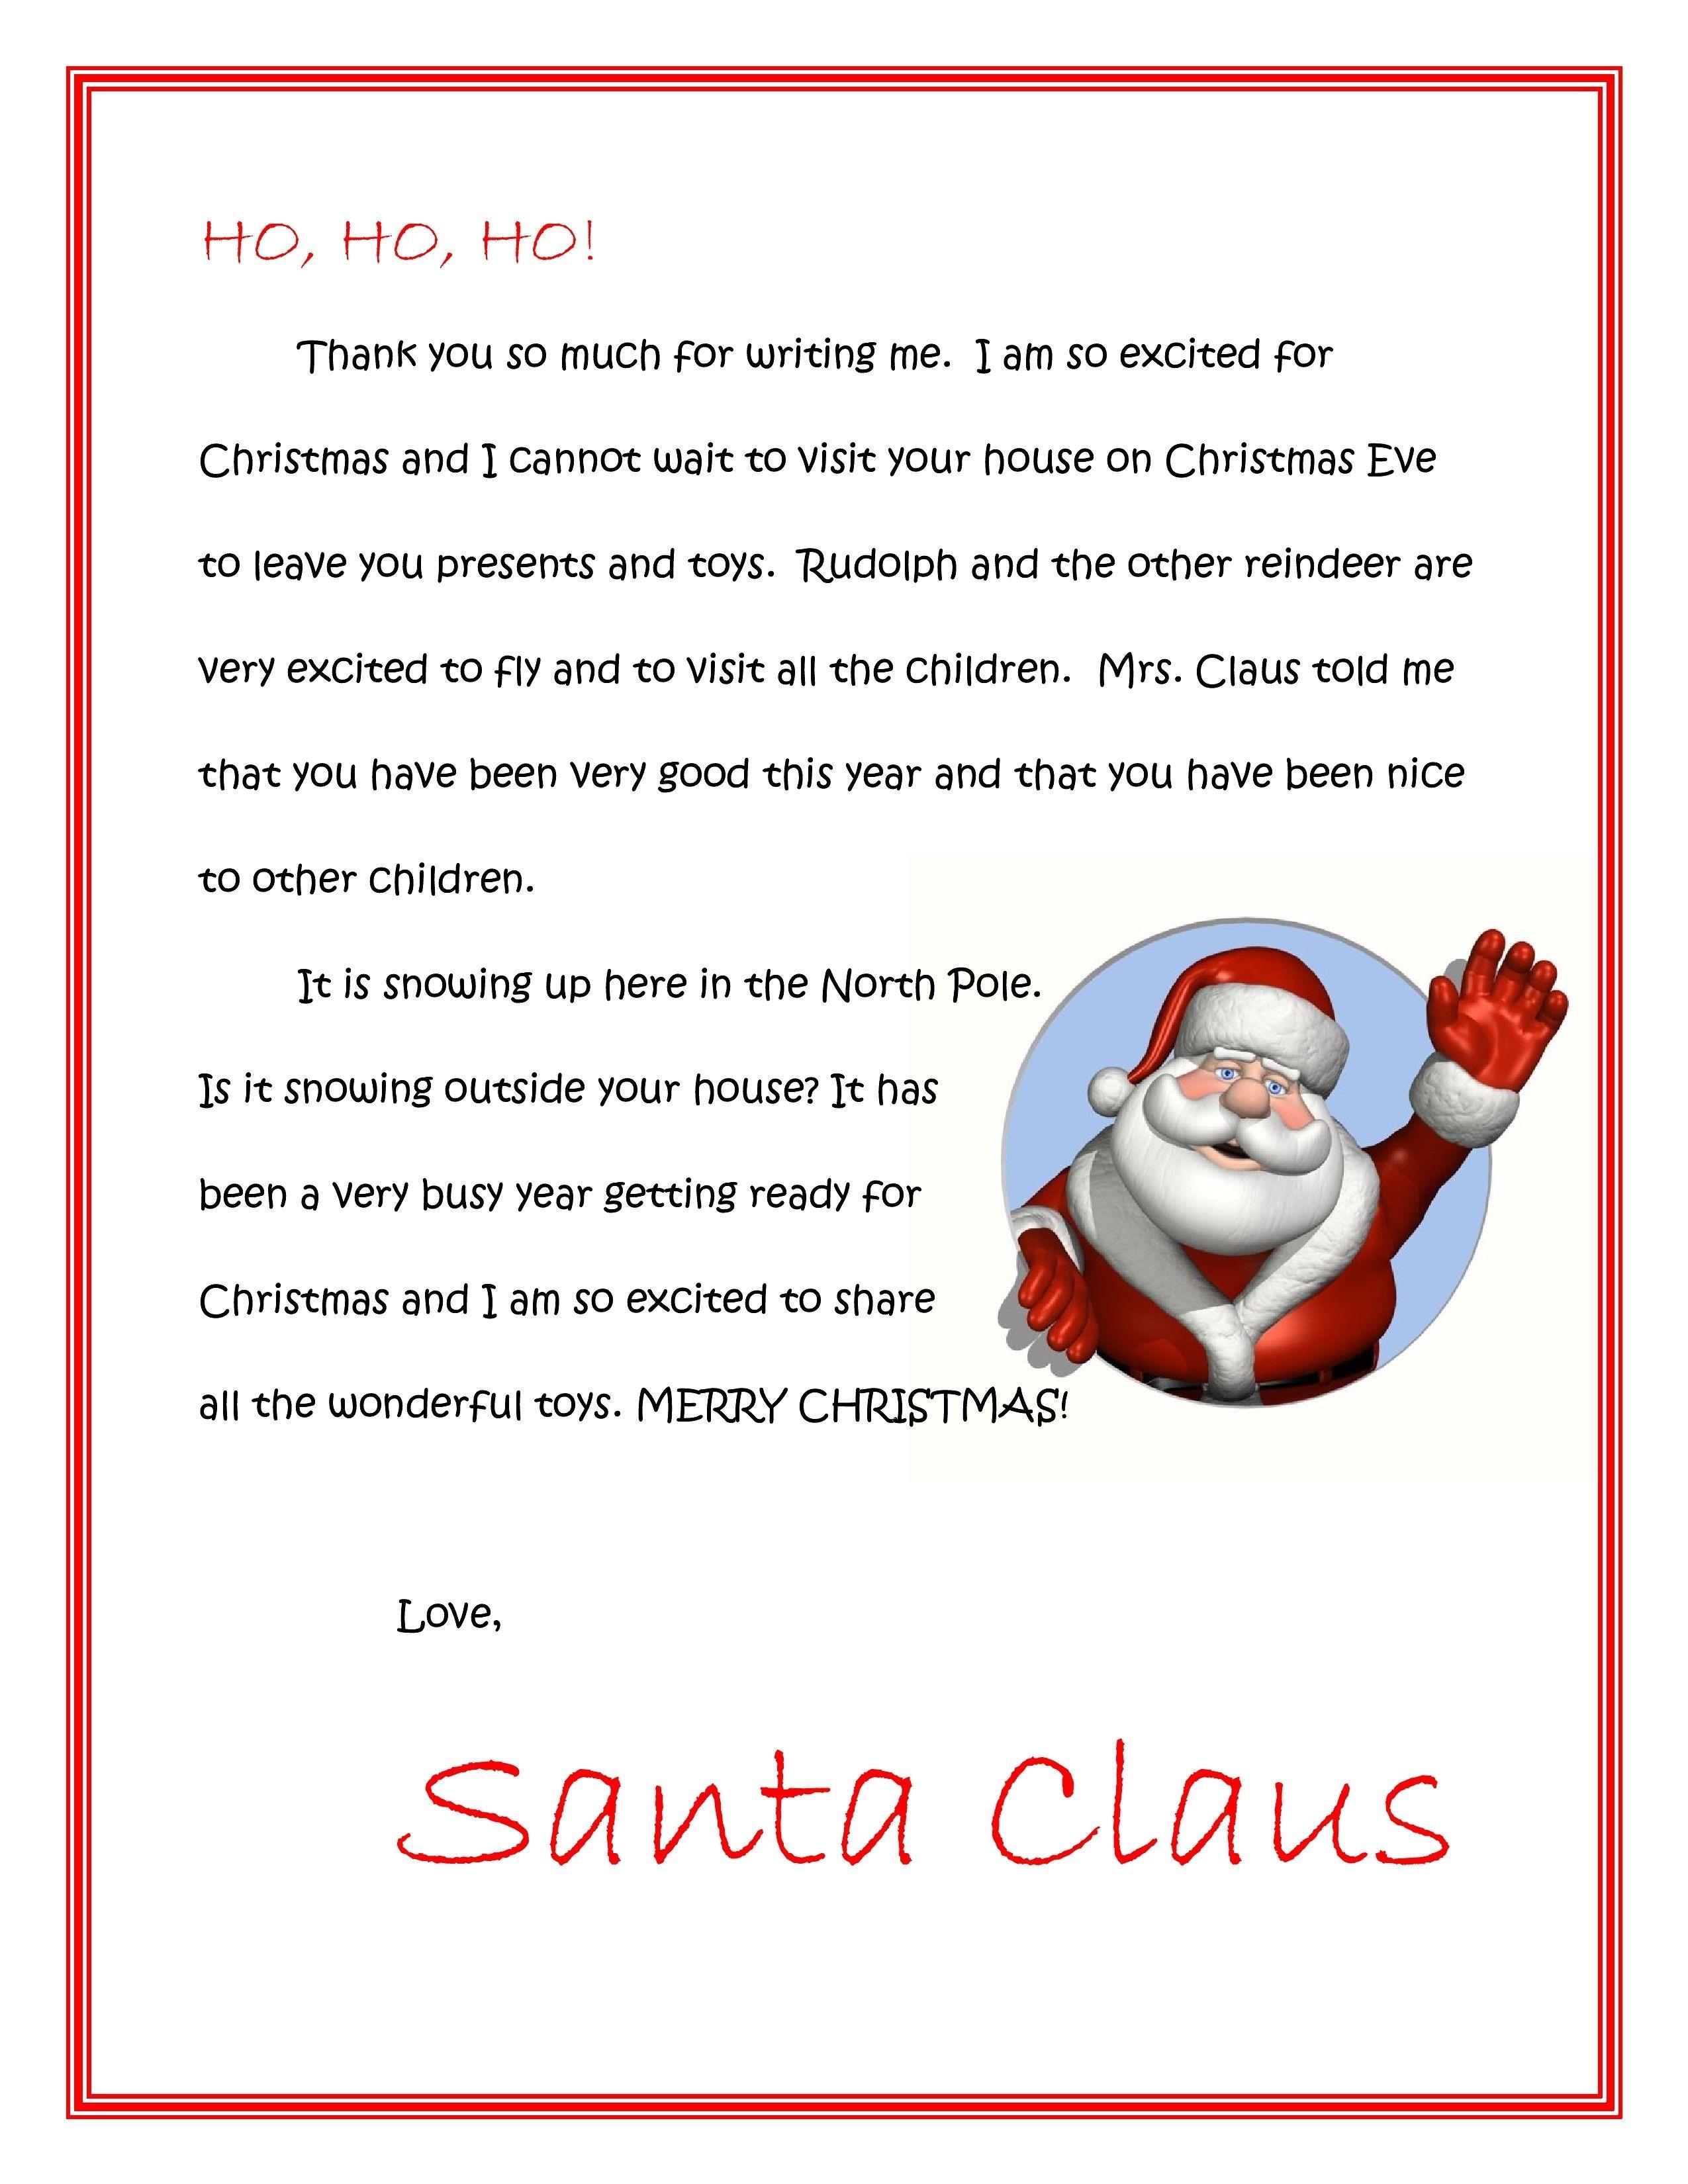 Free Dear Santa Letters Dear Santa Letters | Christmas Idea | Santa - Free Printable Christmas Letters From Santa